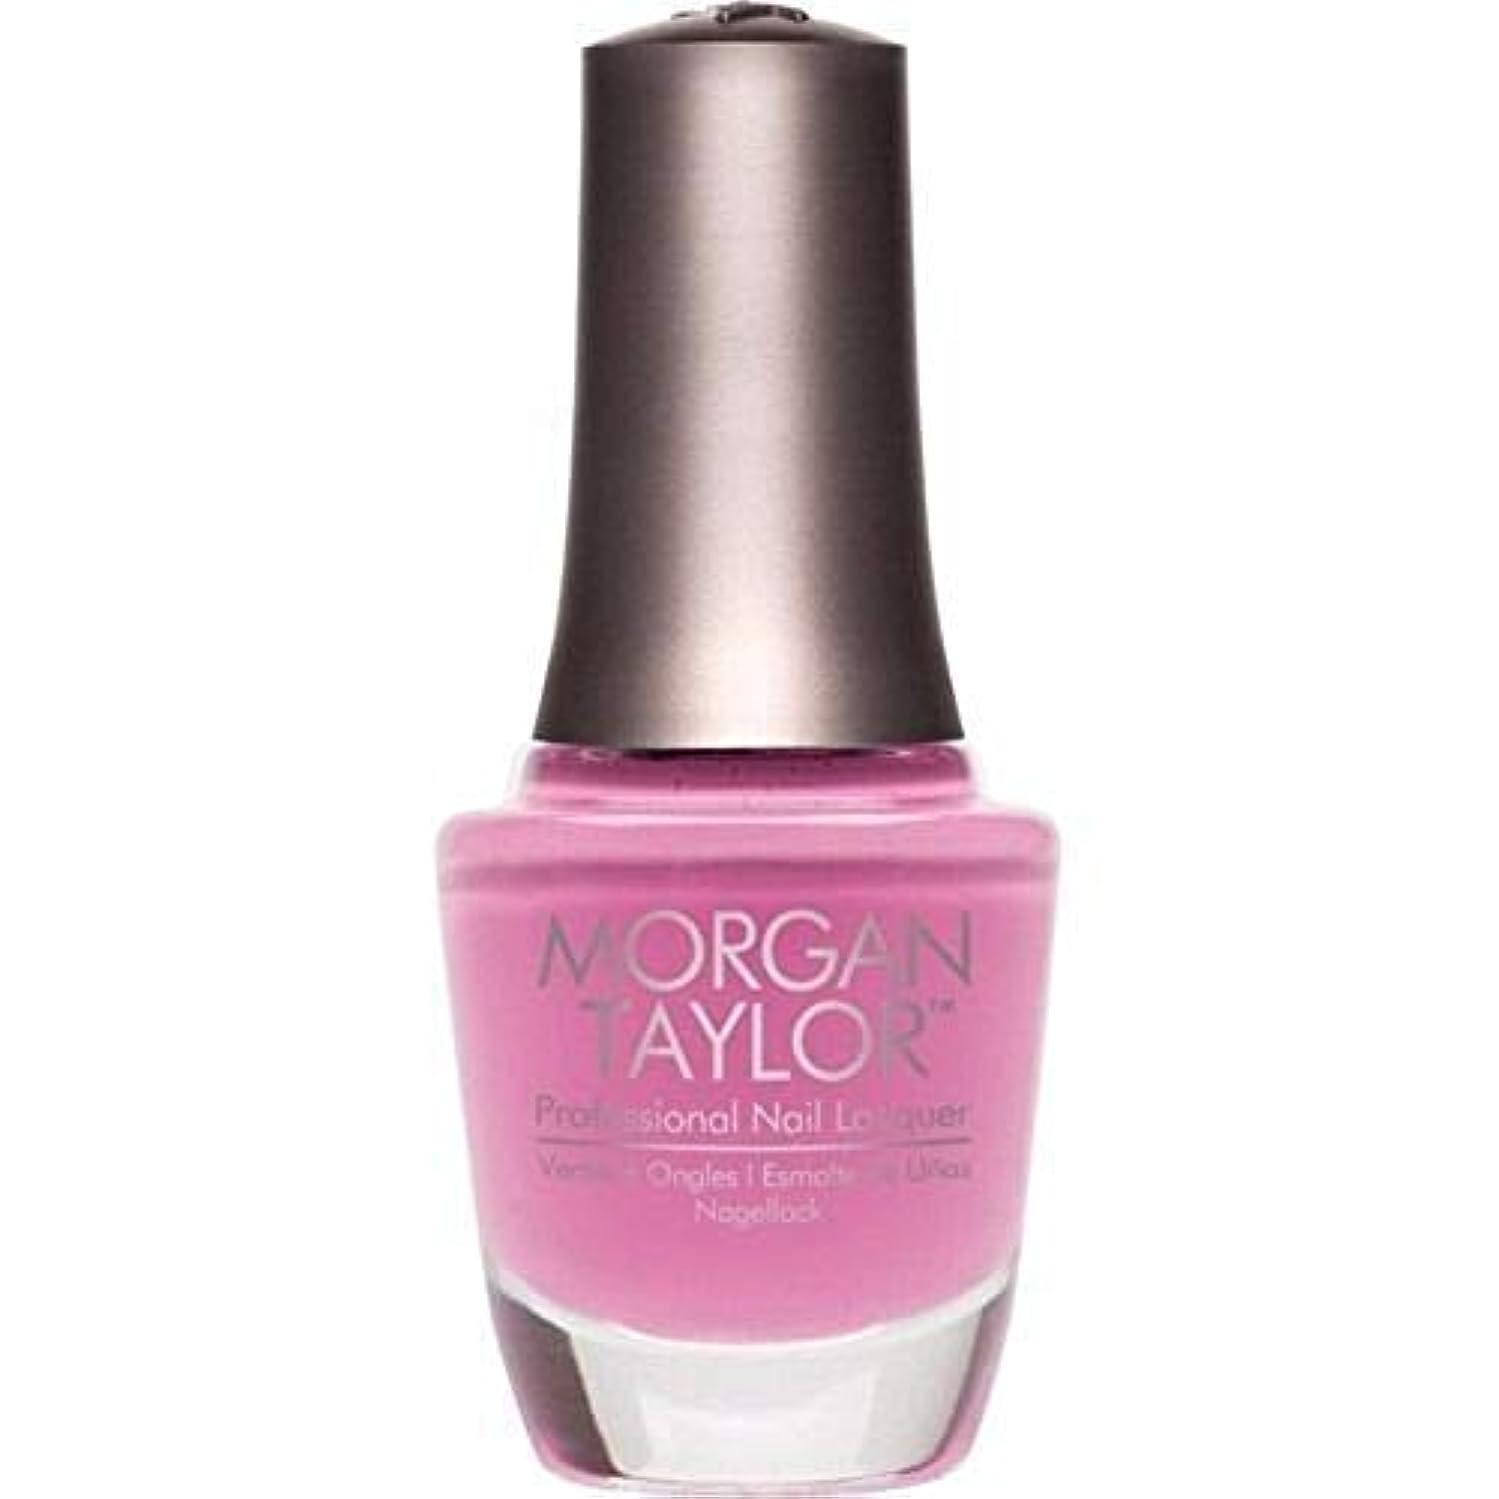 満足何十人も船上Morgan Taylor - Professional Nail Lacquer - Look at You, Pink-achu! - 15 mL / 0.5oz